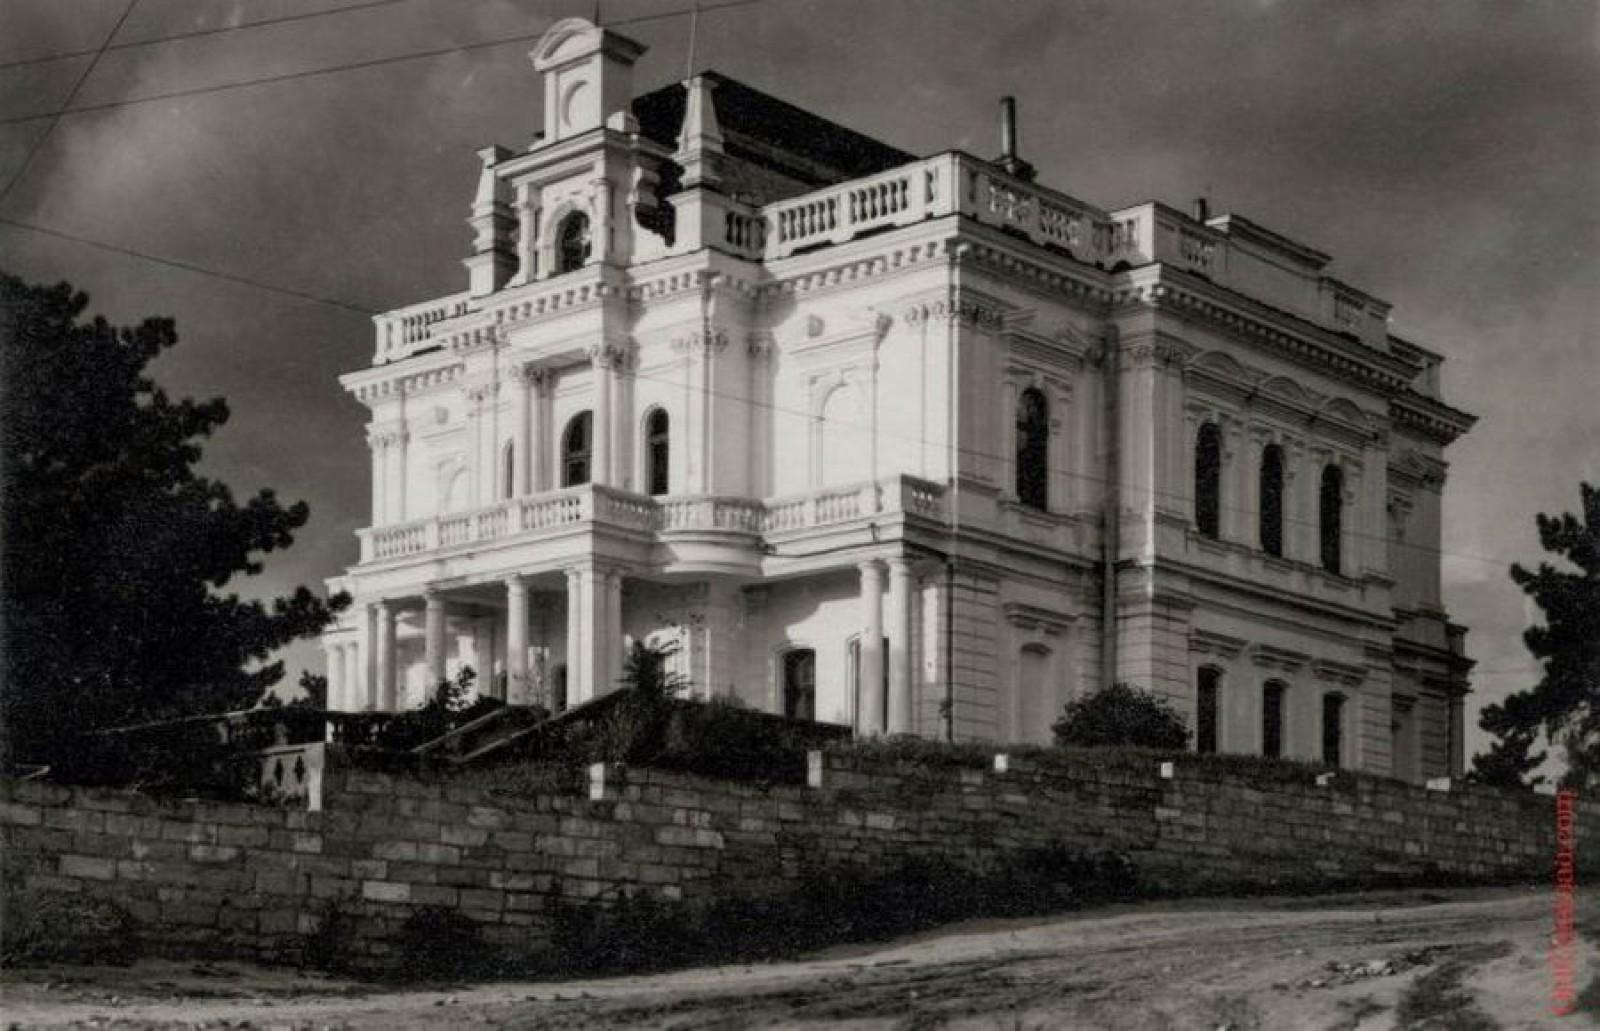 Old Chișinău în imagini: Casa Pronin